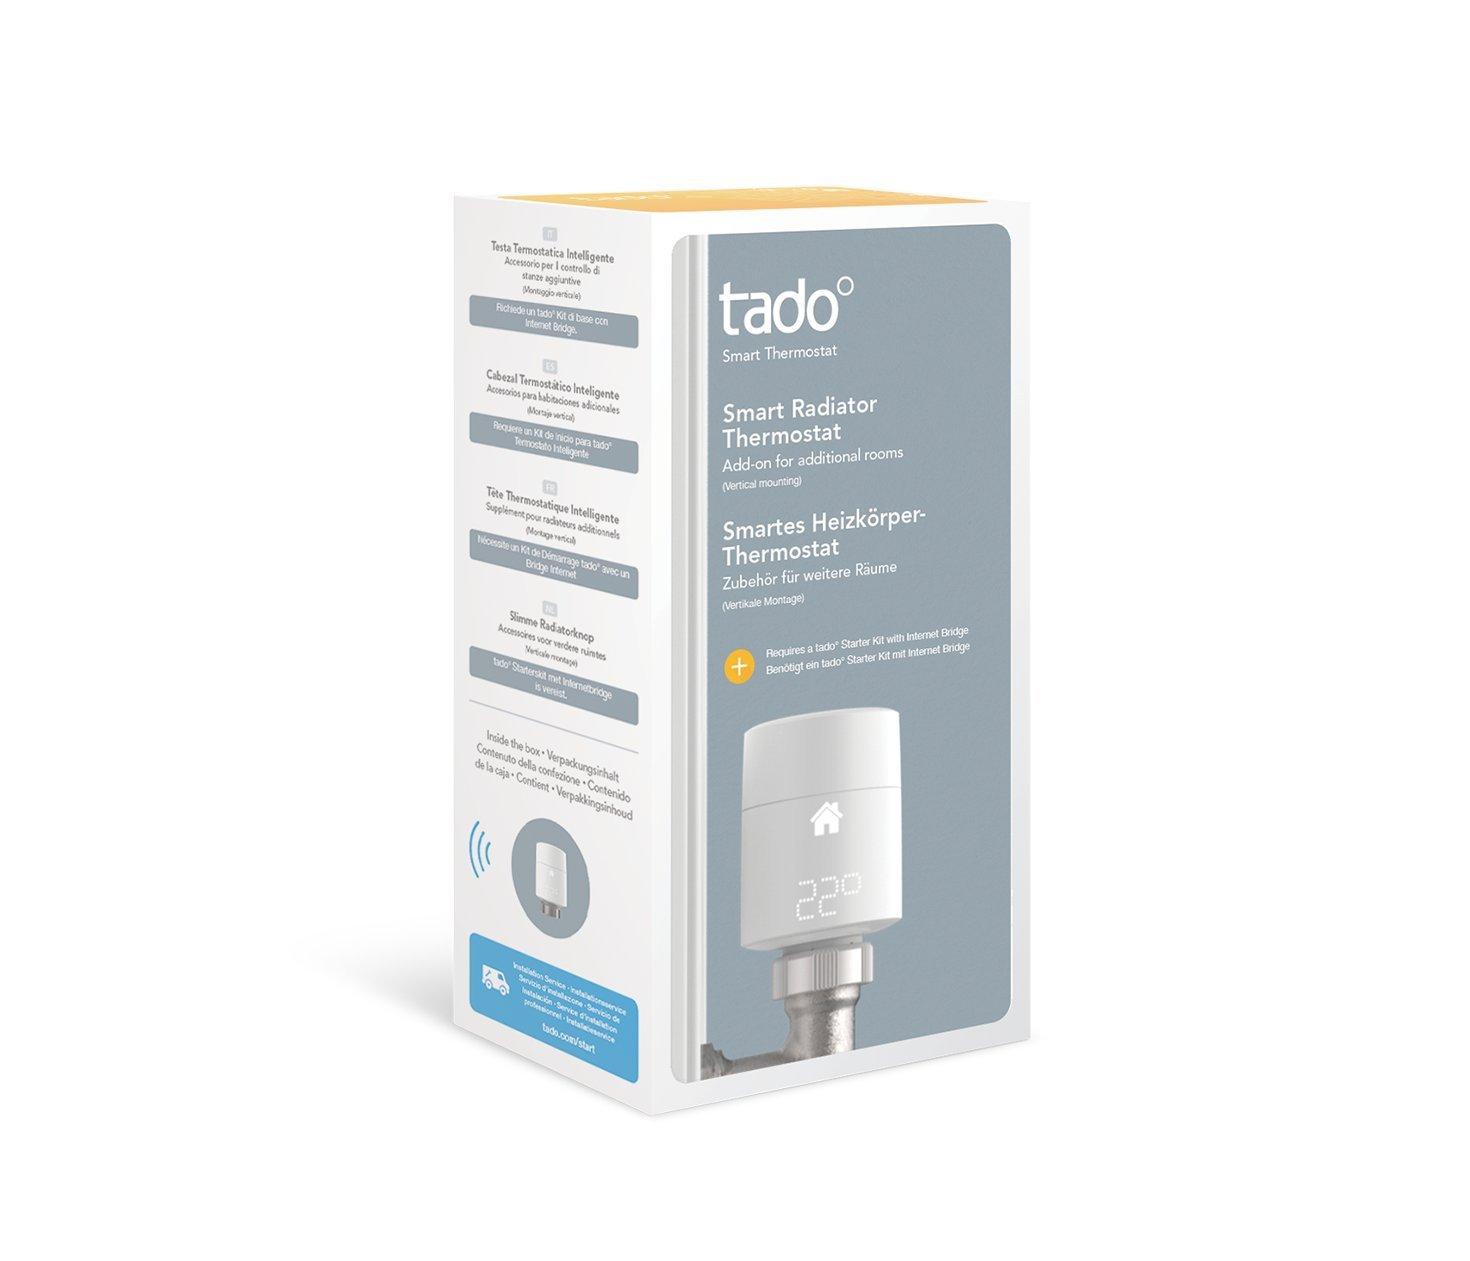 Tado - Cabezal Termostático Inteligente. Montaje vertical (versión inglesa): Amazon.es: Bricolaje y herramientas